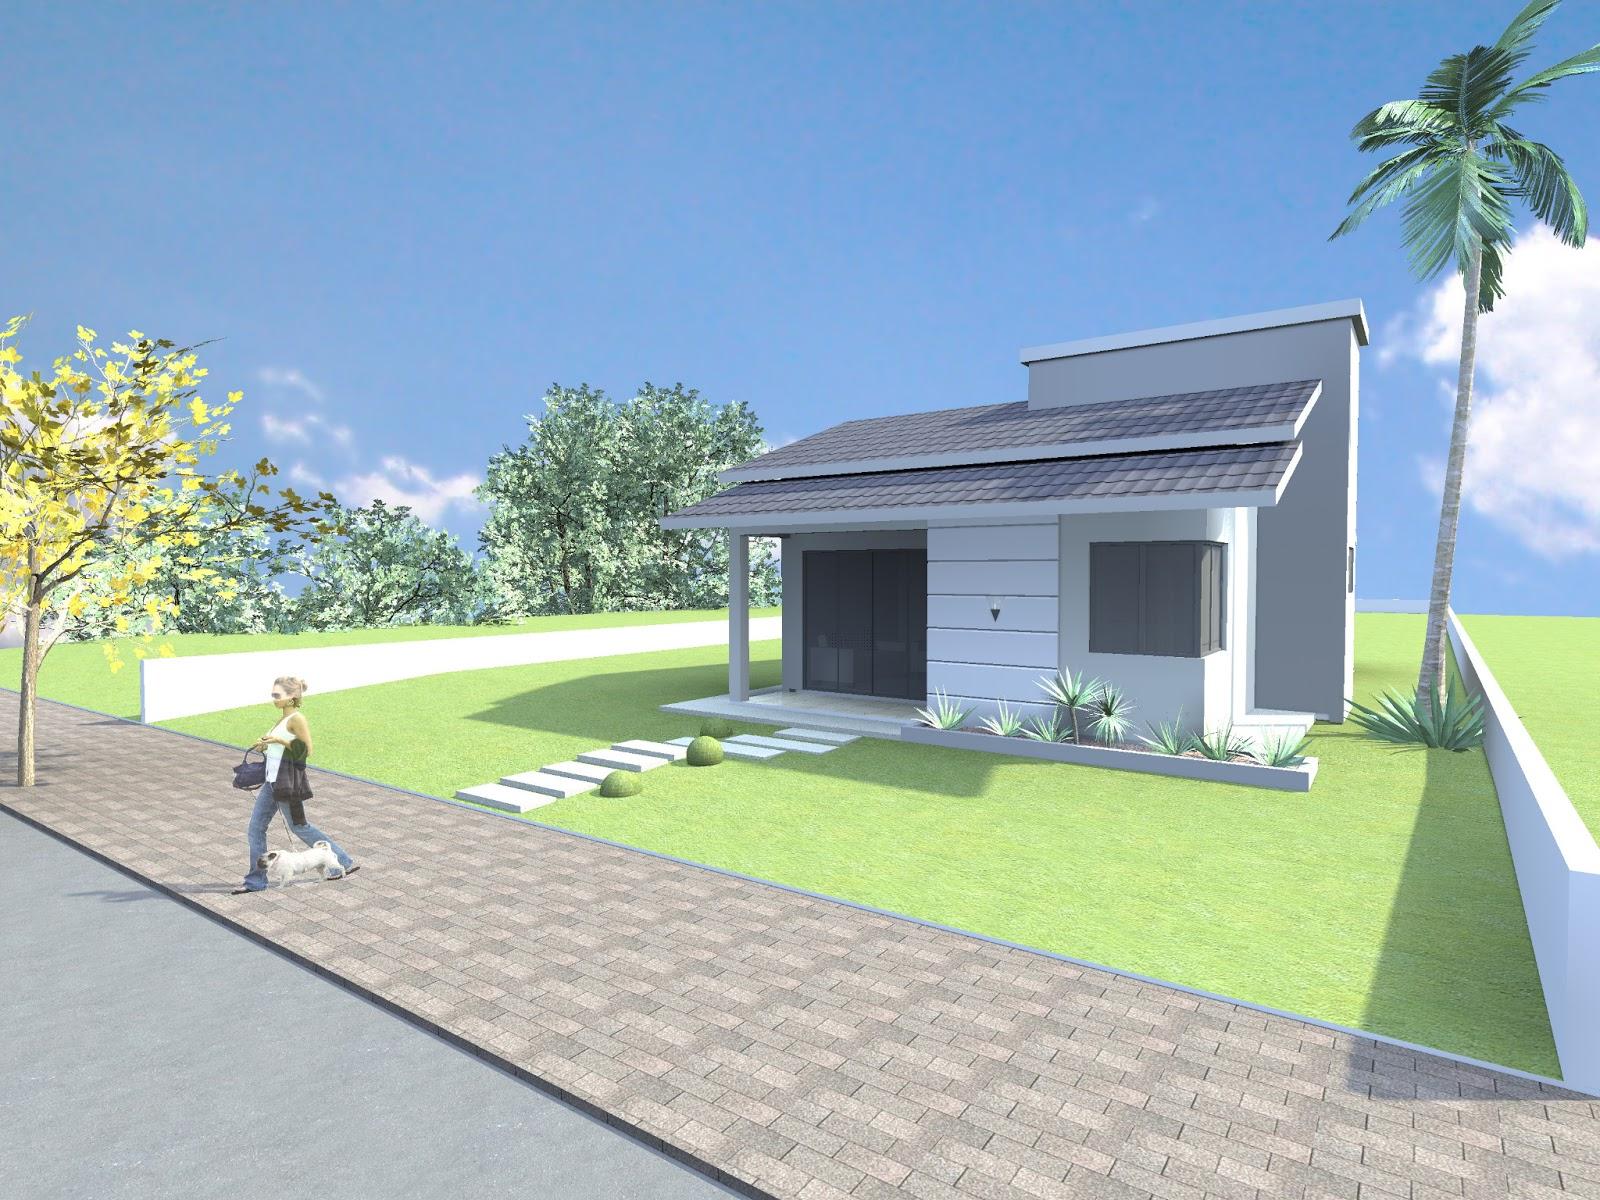 Urbanismo: Projetos para Minha Casa Minha Vida do Governo Federal #2C619F 1600 1200